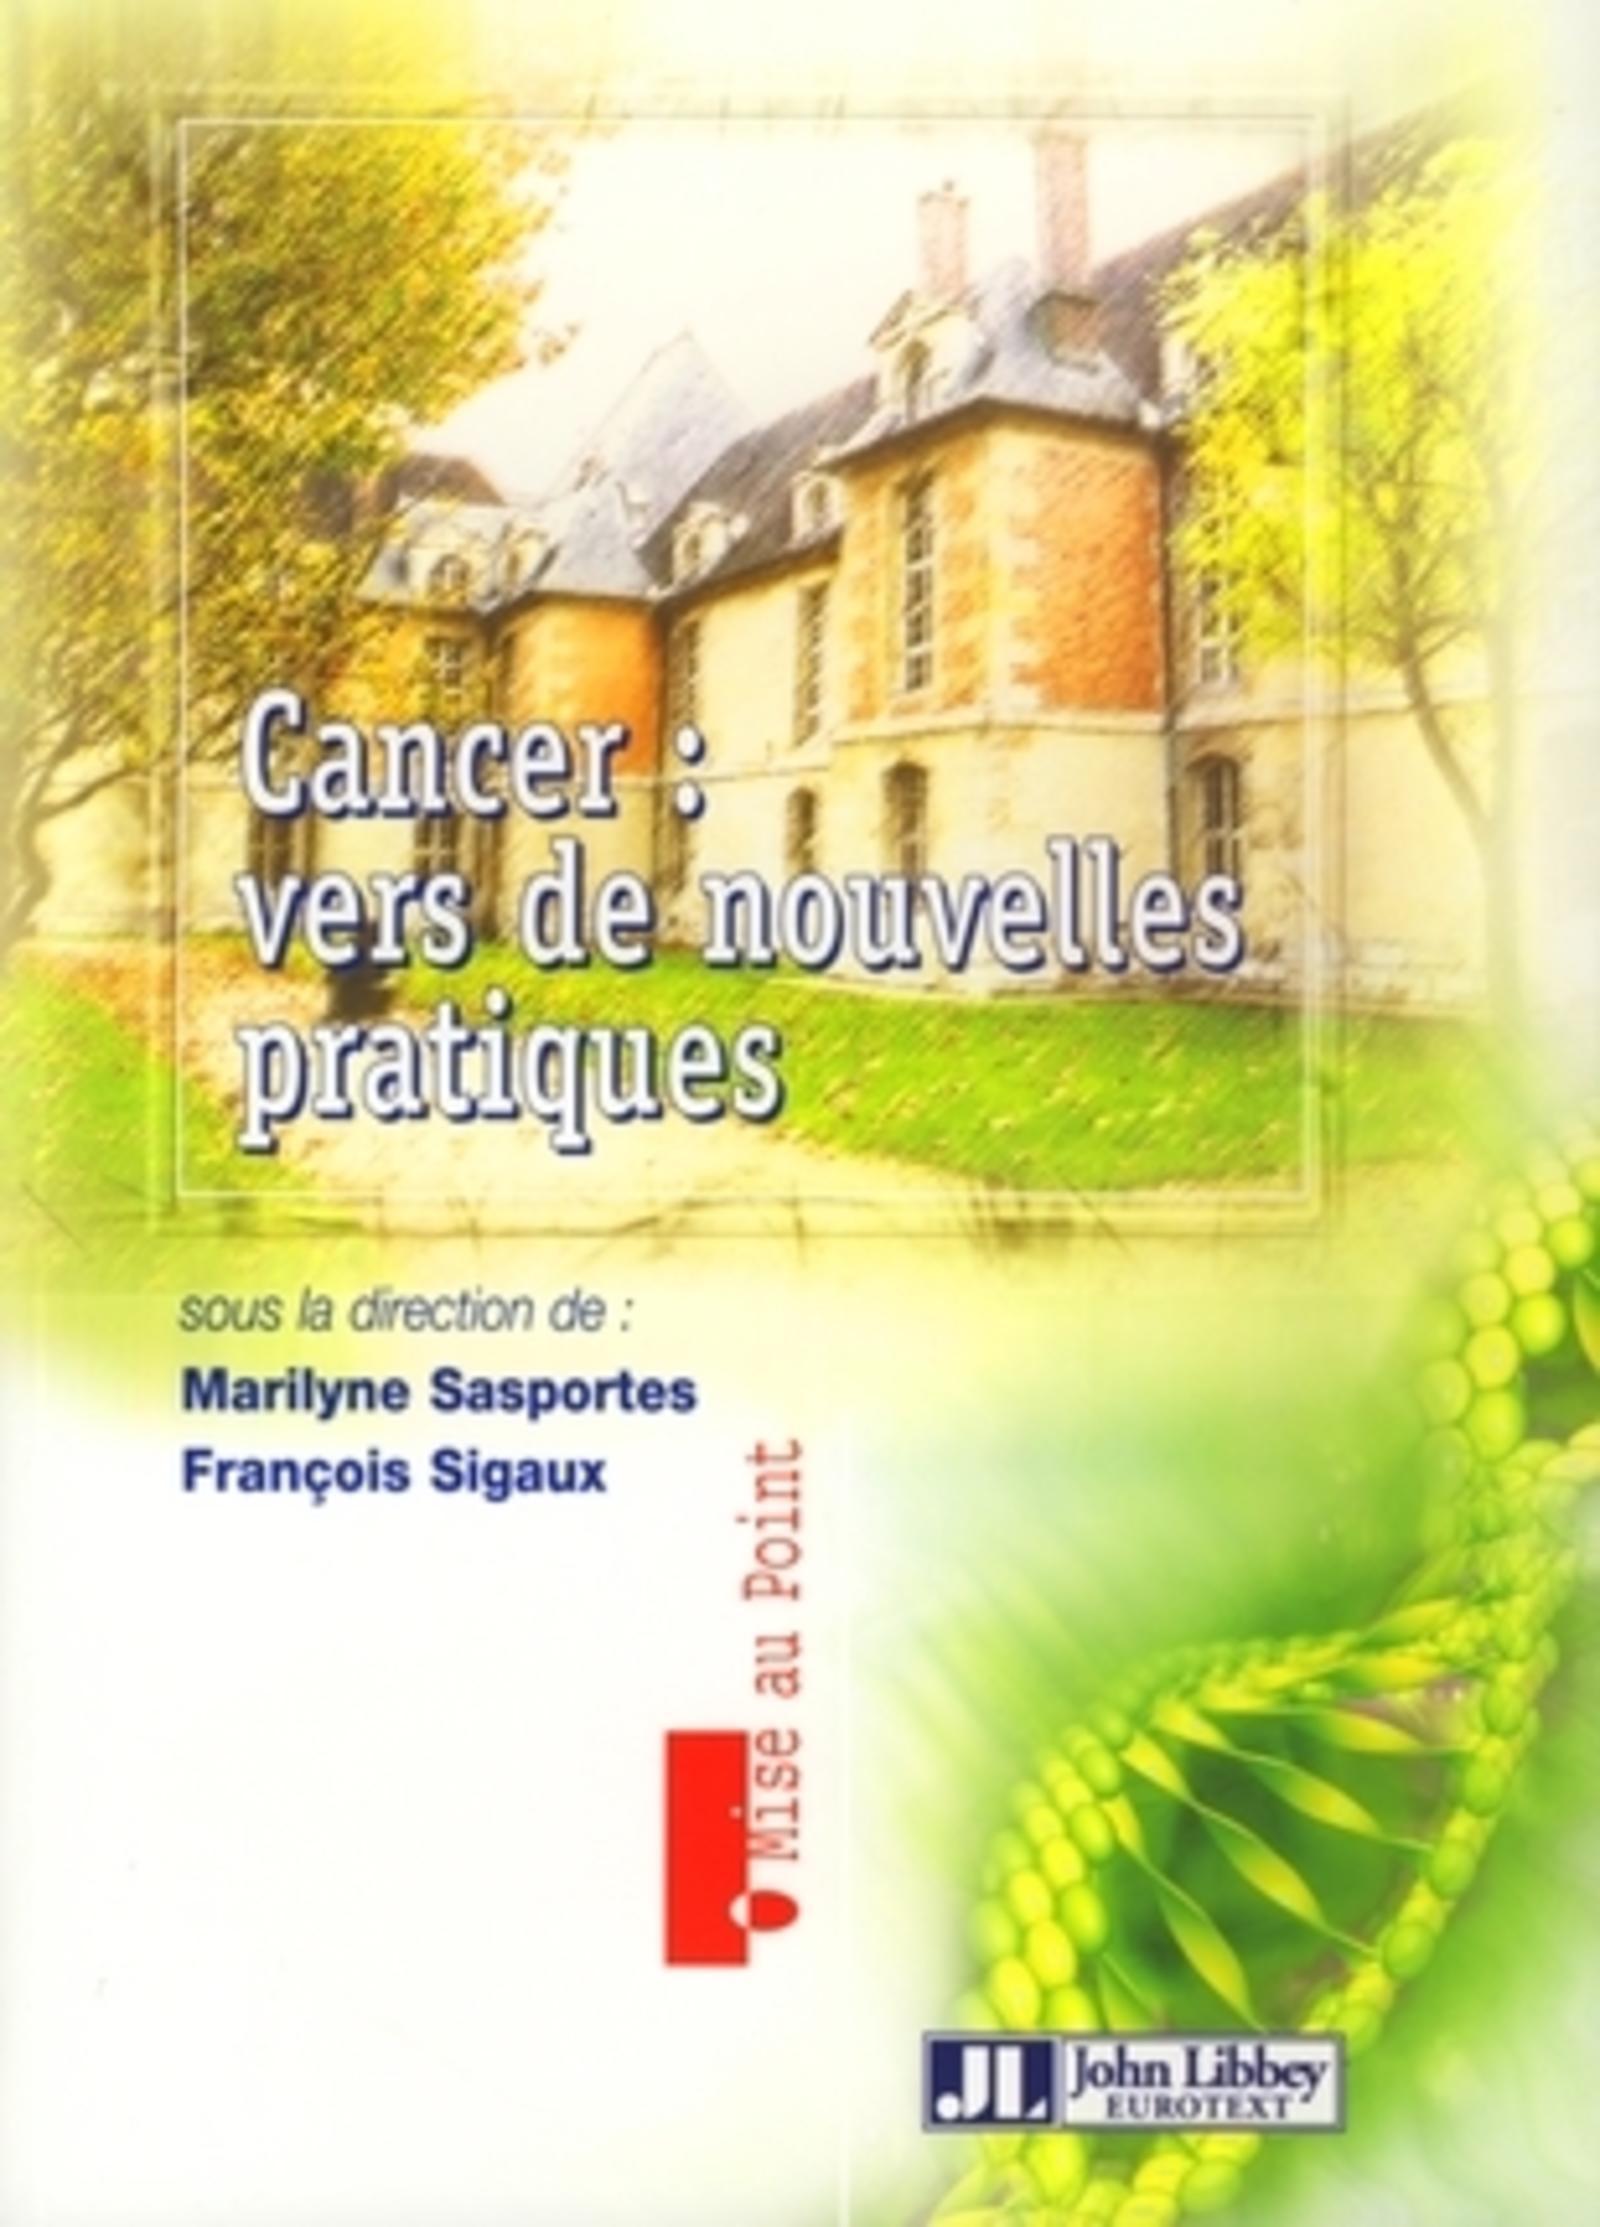 CANCER : VERS DE NOUVELLES PRATIQUES